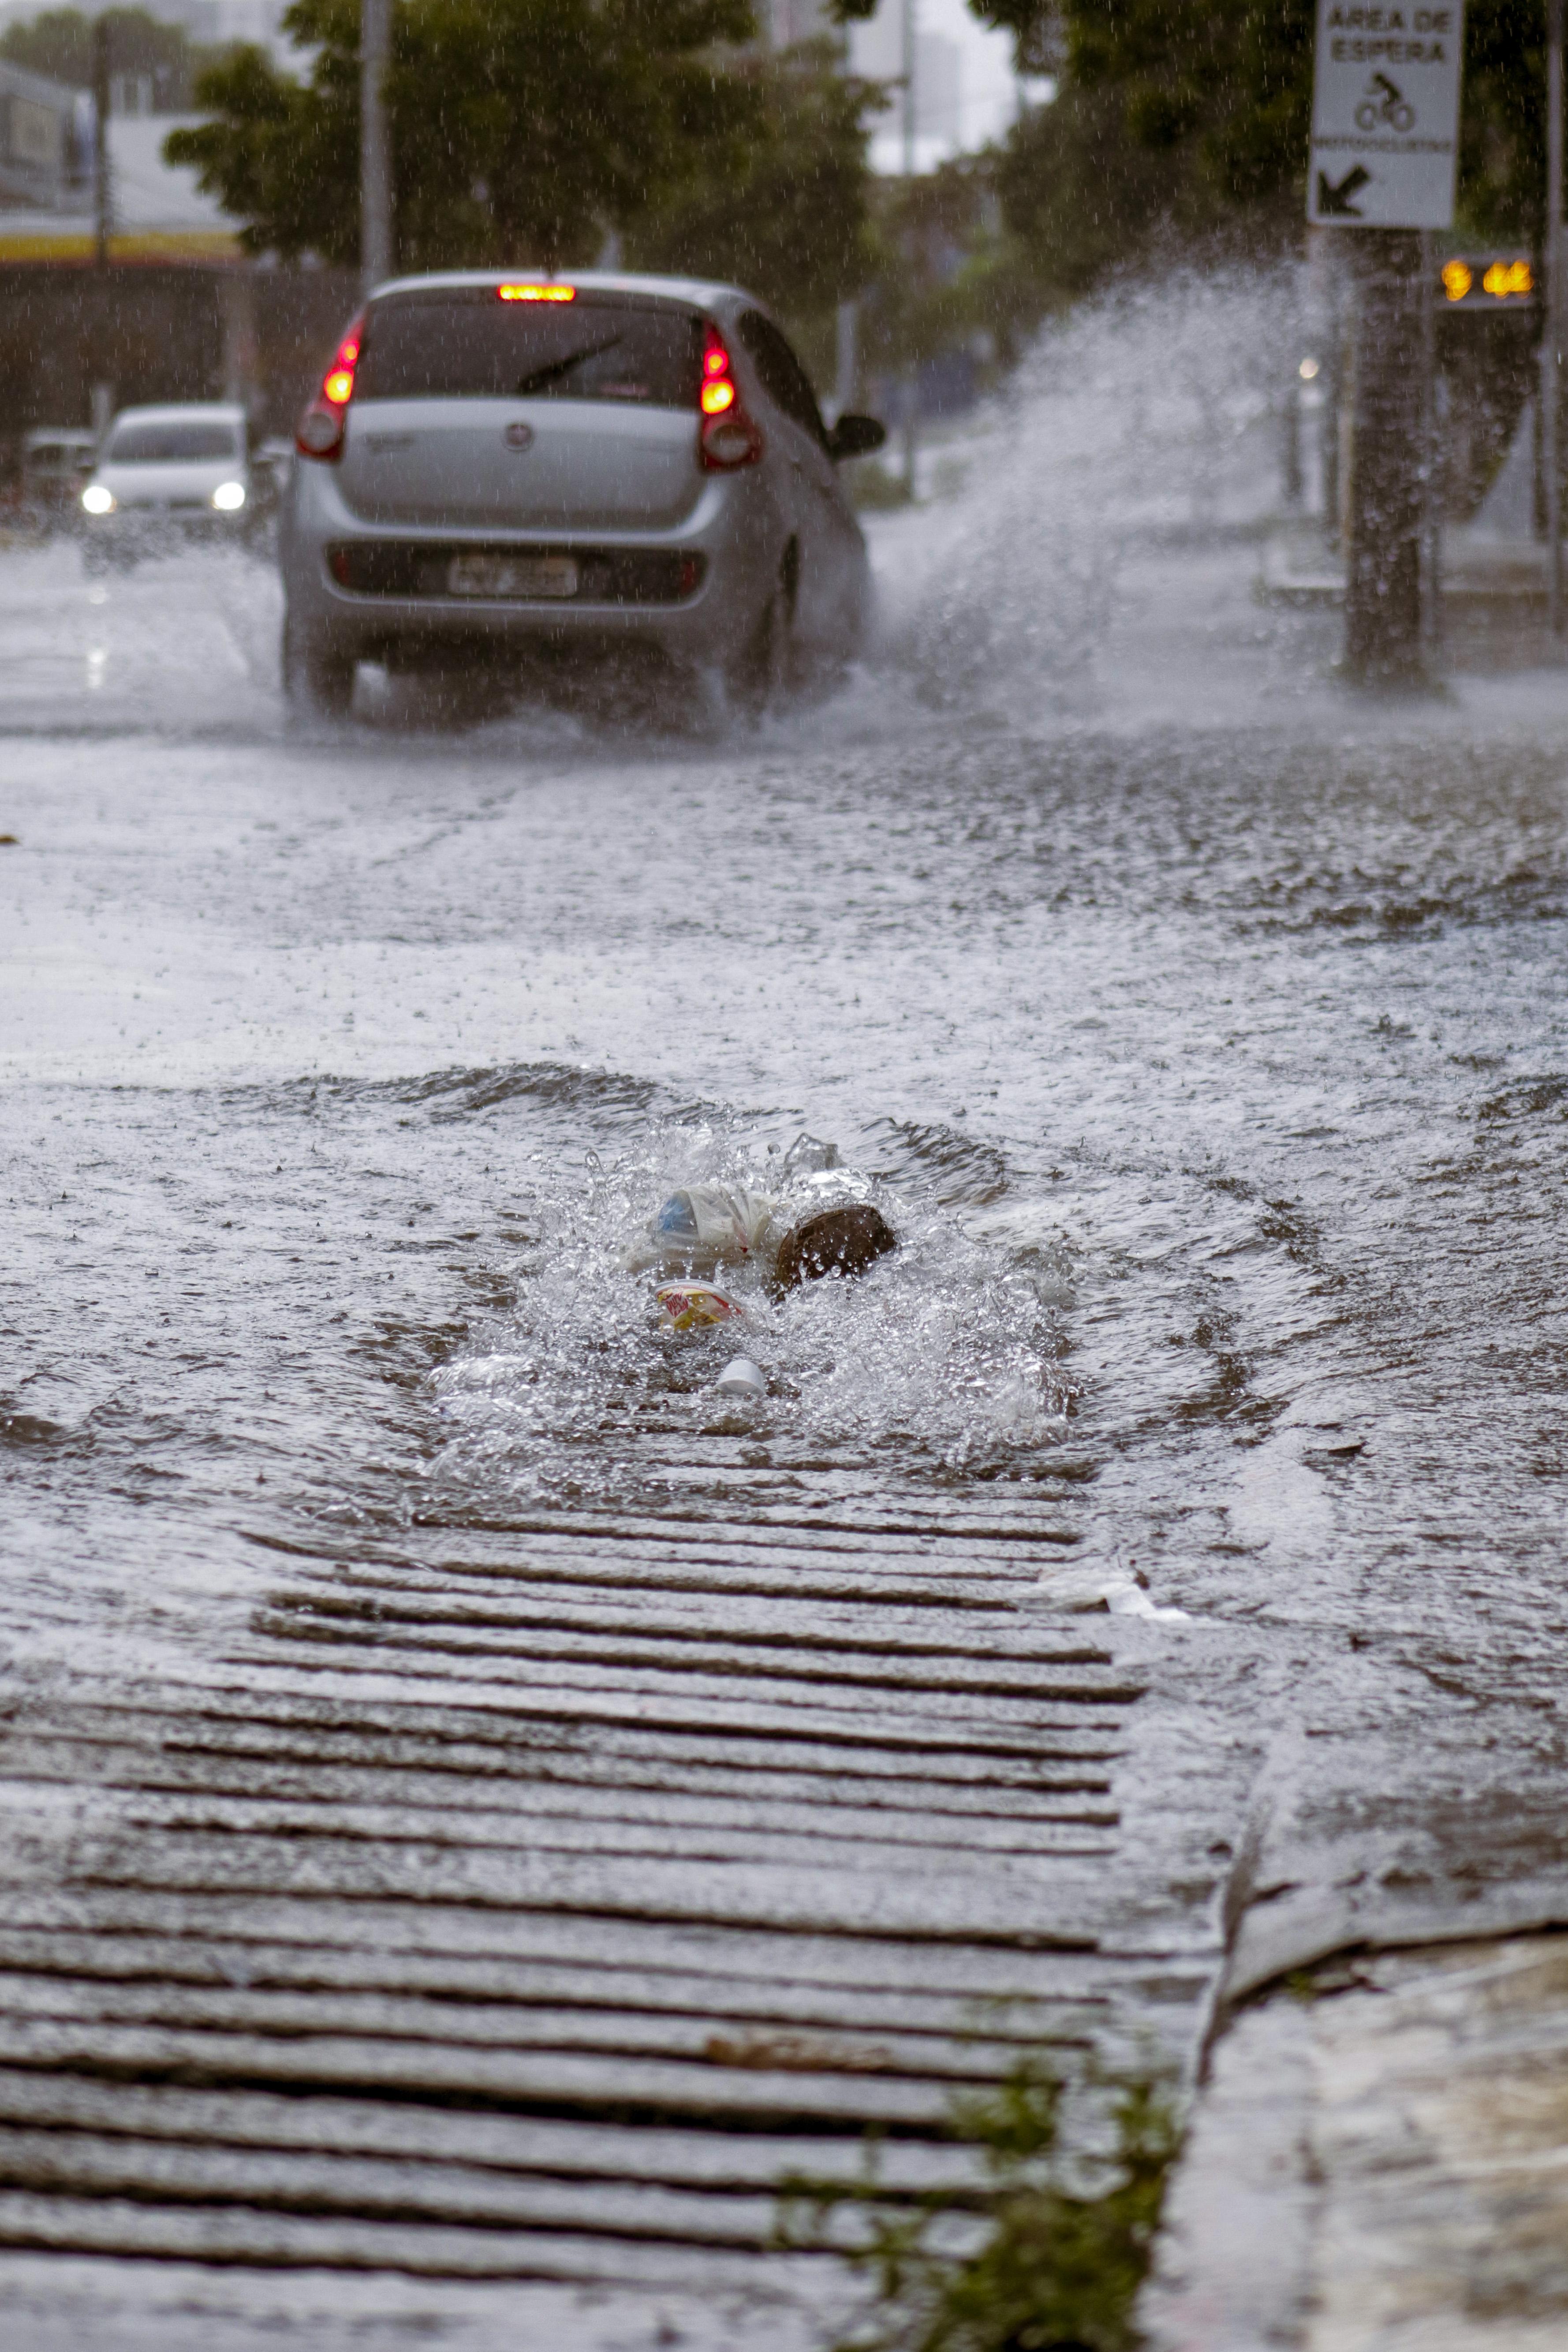 Chuva forte em Fortaleza na manhã de hoje, com alagamento